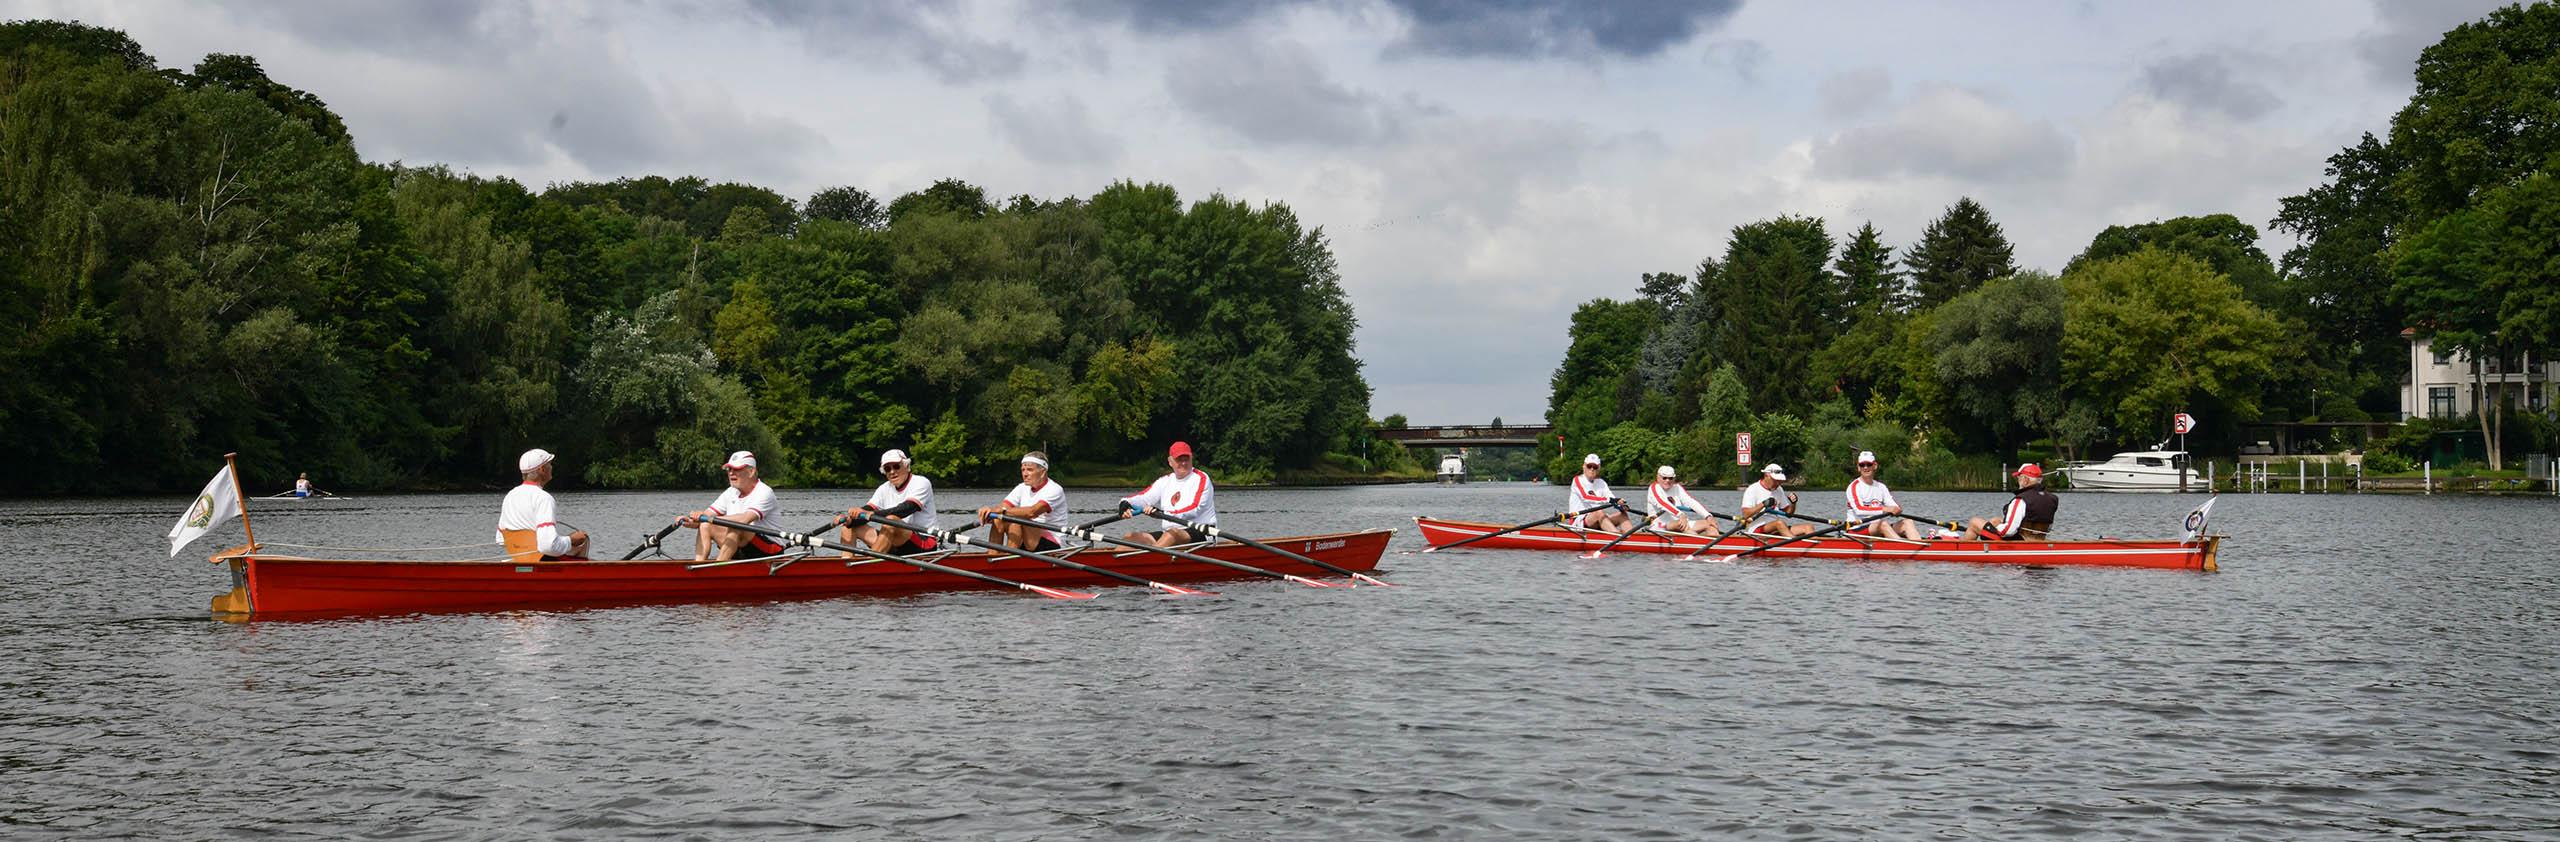 Gruppenbild Boote